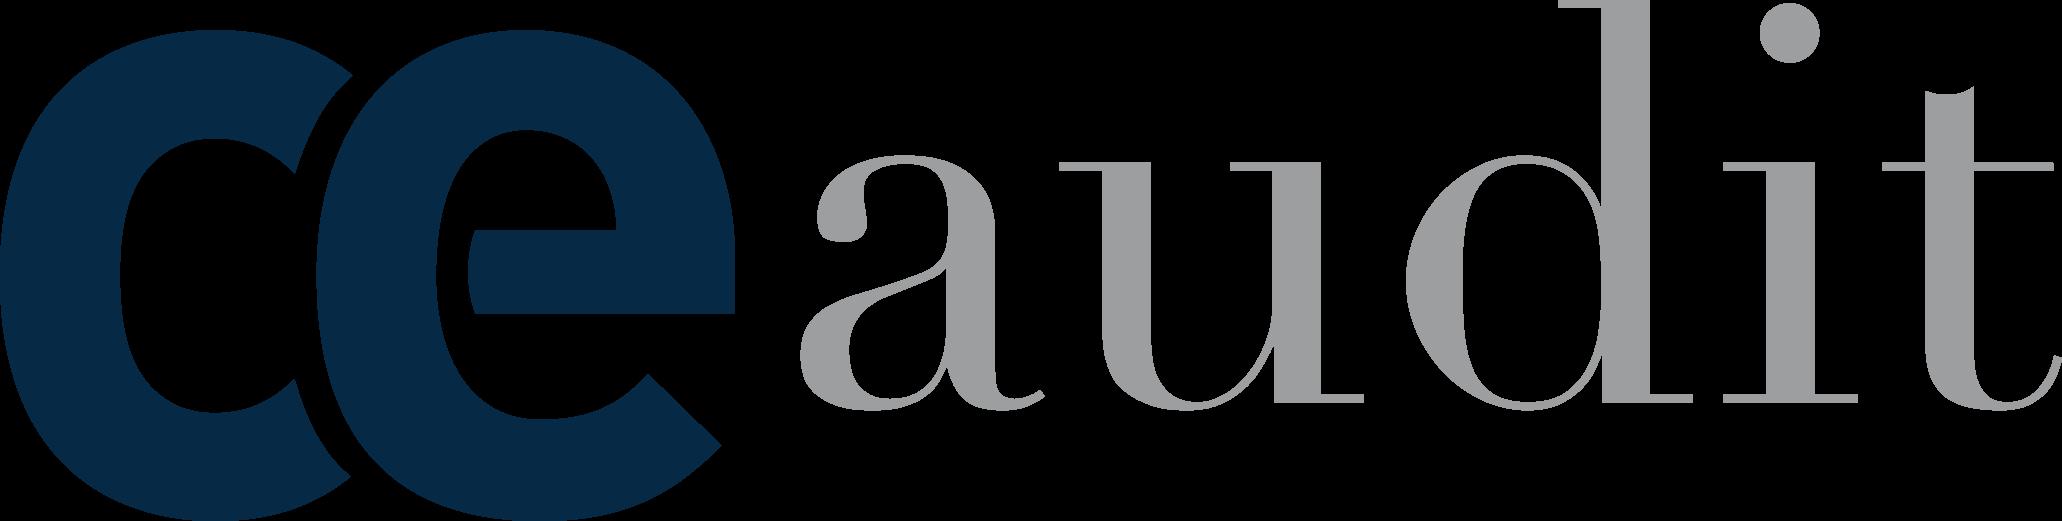 CE-Audit auditoría de cuentas